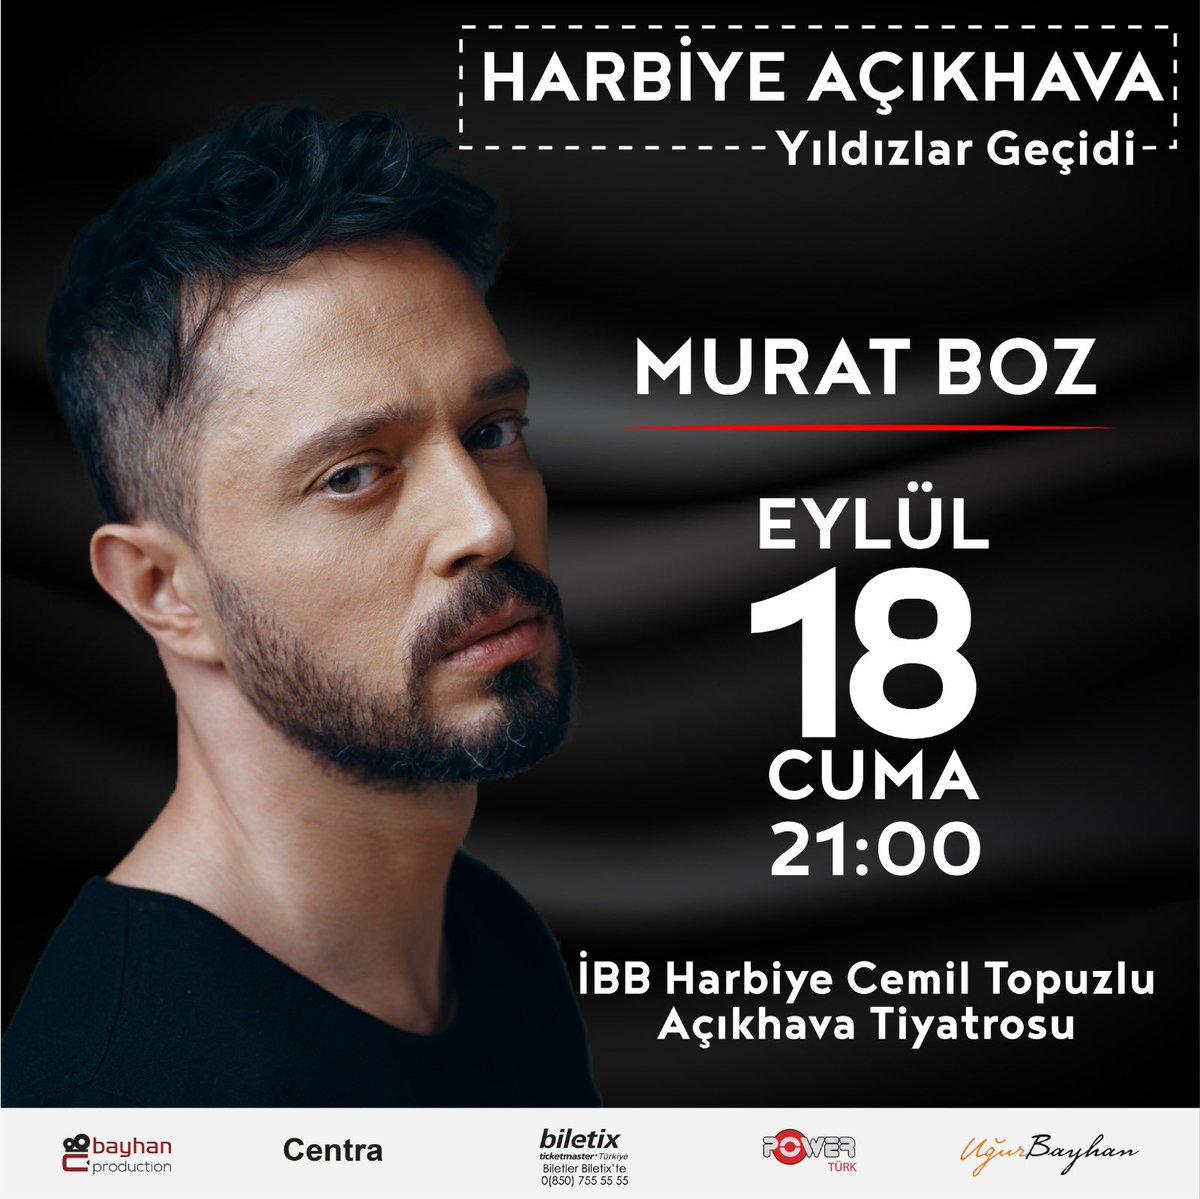 #MuratBoz 18 Eylül Cuma Harbiye Açıkhava sahnesinde. Biletler @Biletix'te 👉 https://t.co/9H0YeBchzB 💥 @MuratBoz https://t.co/Y2tENMUYhL